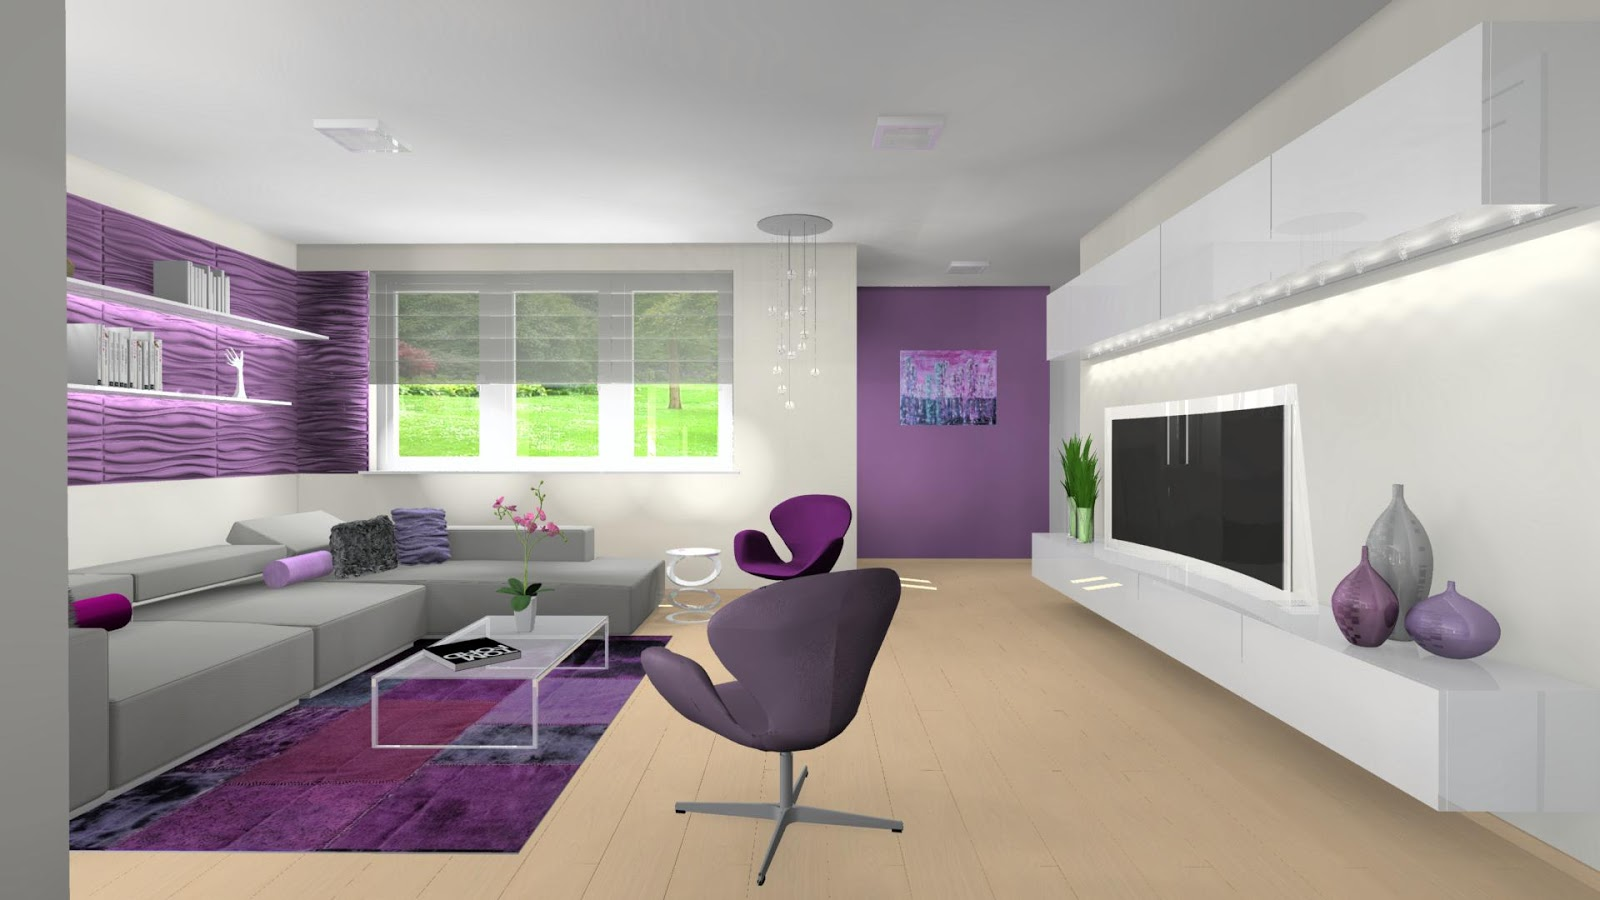 Otthon és Dekor: Egy modern lakás lilában: nappali, étkező ...